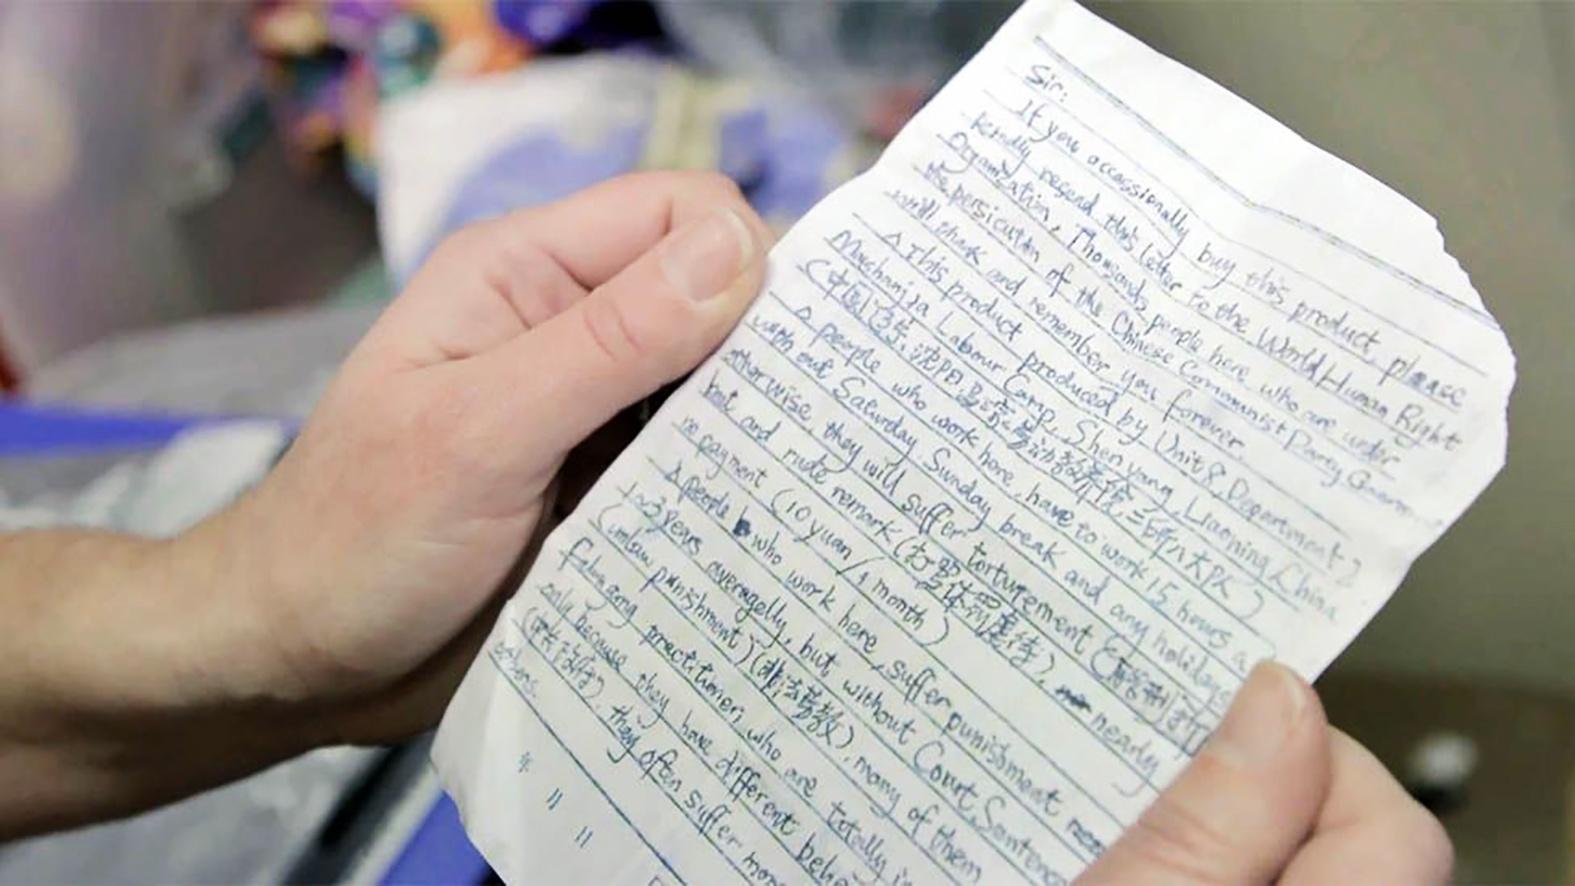 En 2013, New York Times a contacté Julie pour la prévenir que l'auteur de cette lettre avait été retrouvé discrètement.